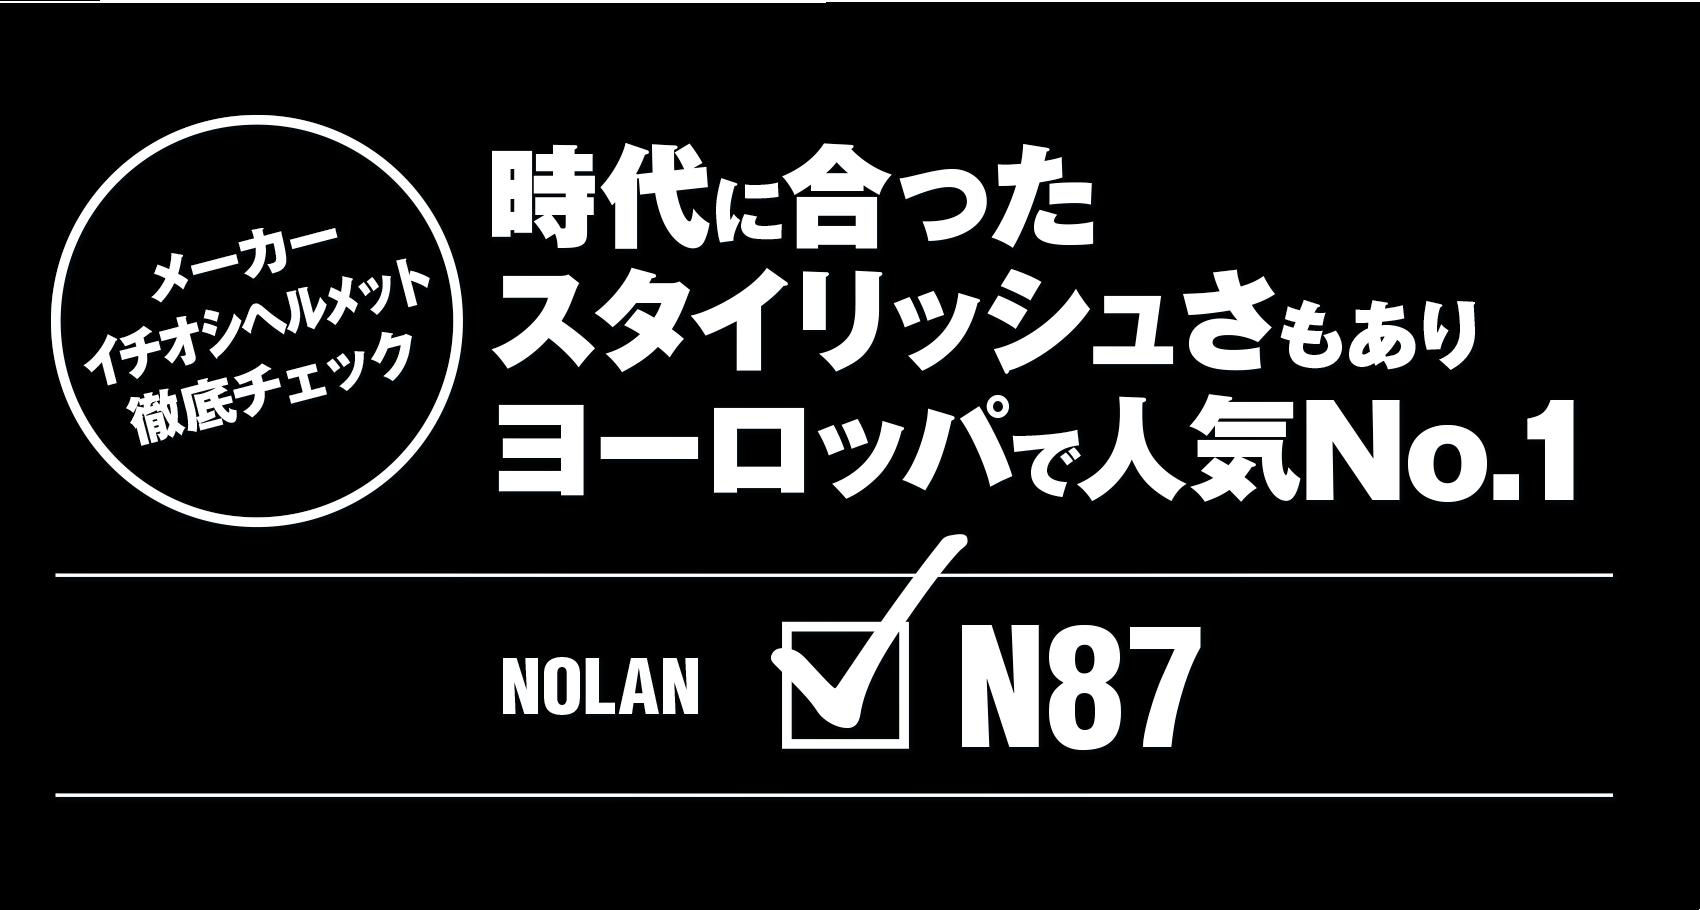 """時代に合ったスタイリッシュさもありヨーロッパで人気No.1""""NOLAN N87"""""""